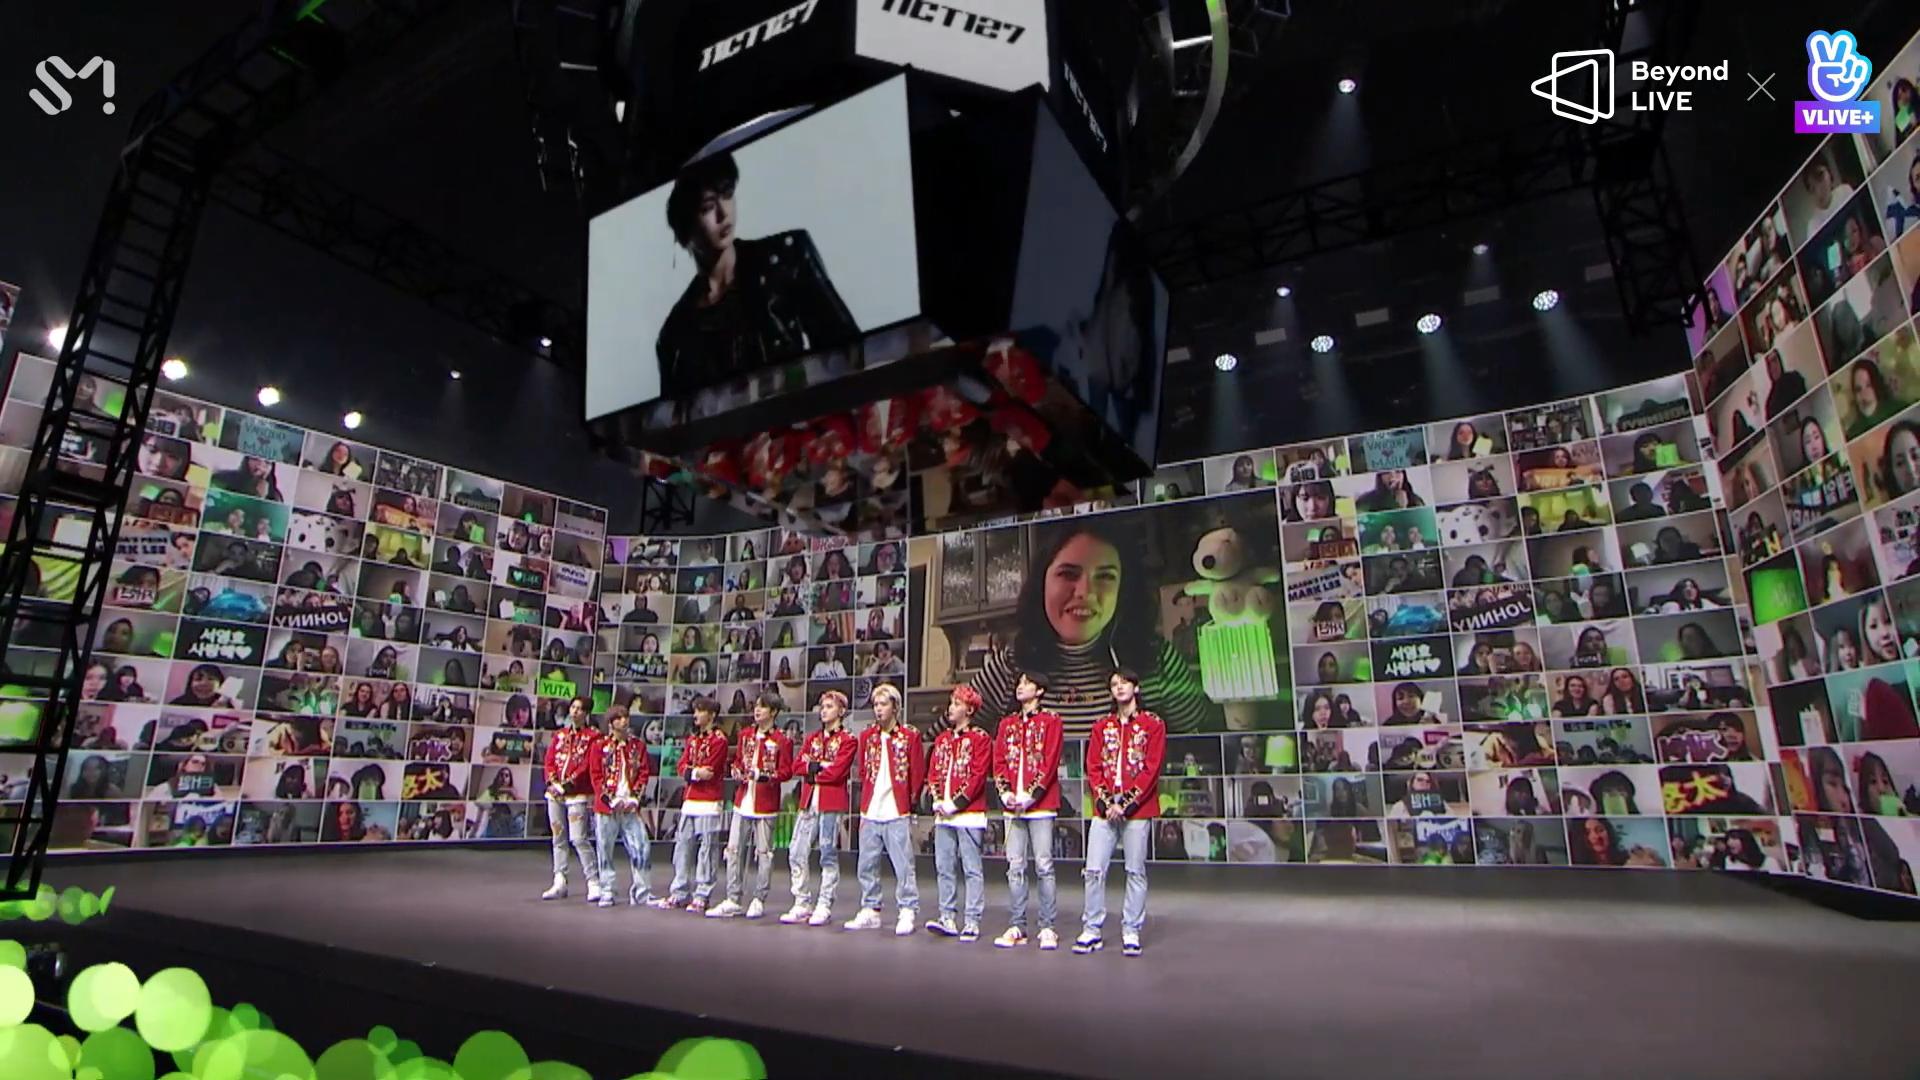 Chơi lớn như NCT 127: Đưa rồng lên sân khấu, diễn luôn bài hát chưa phát hành trong Online Concert